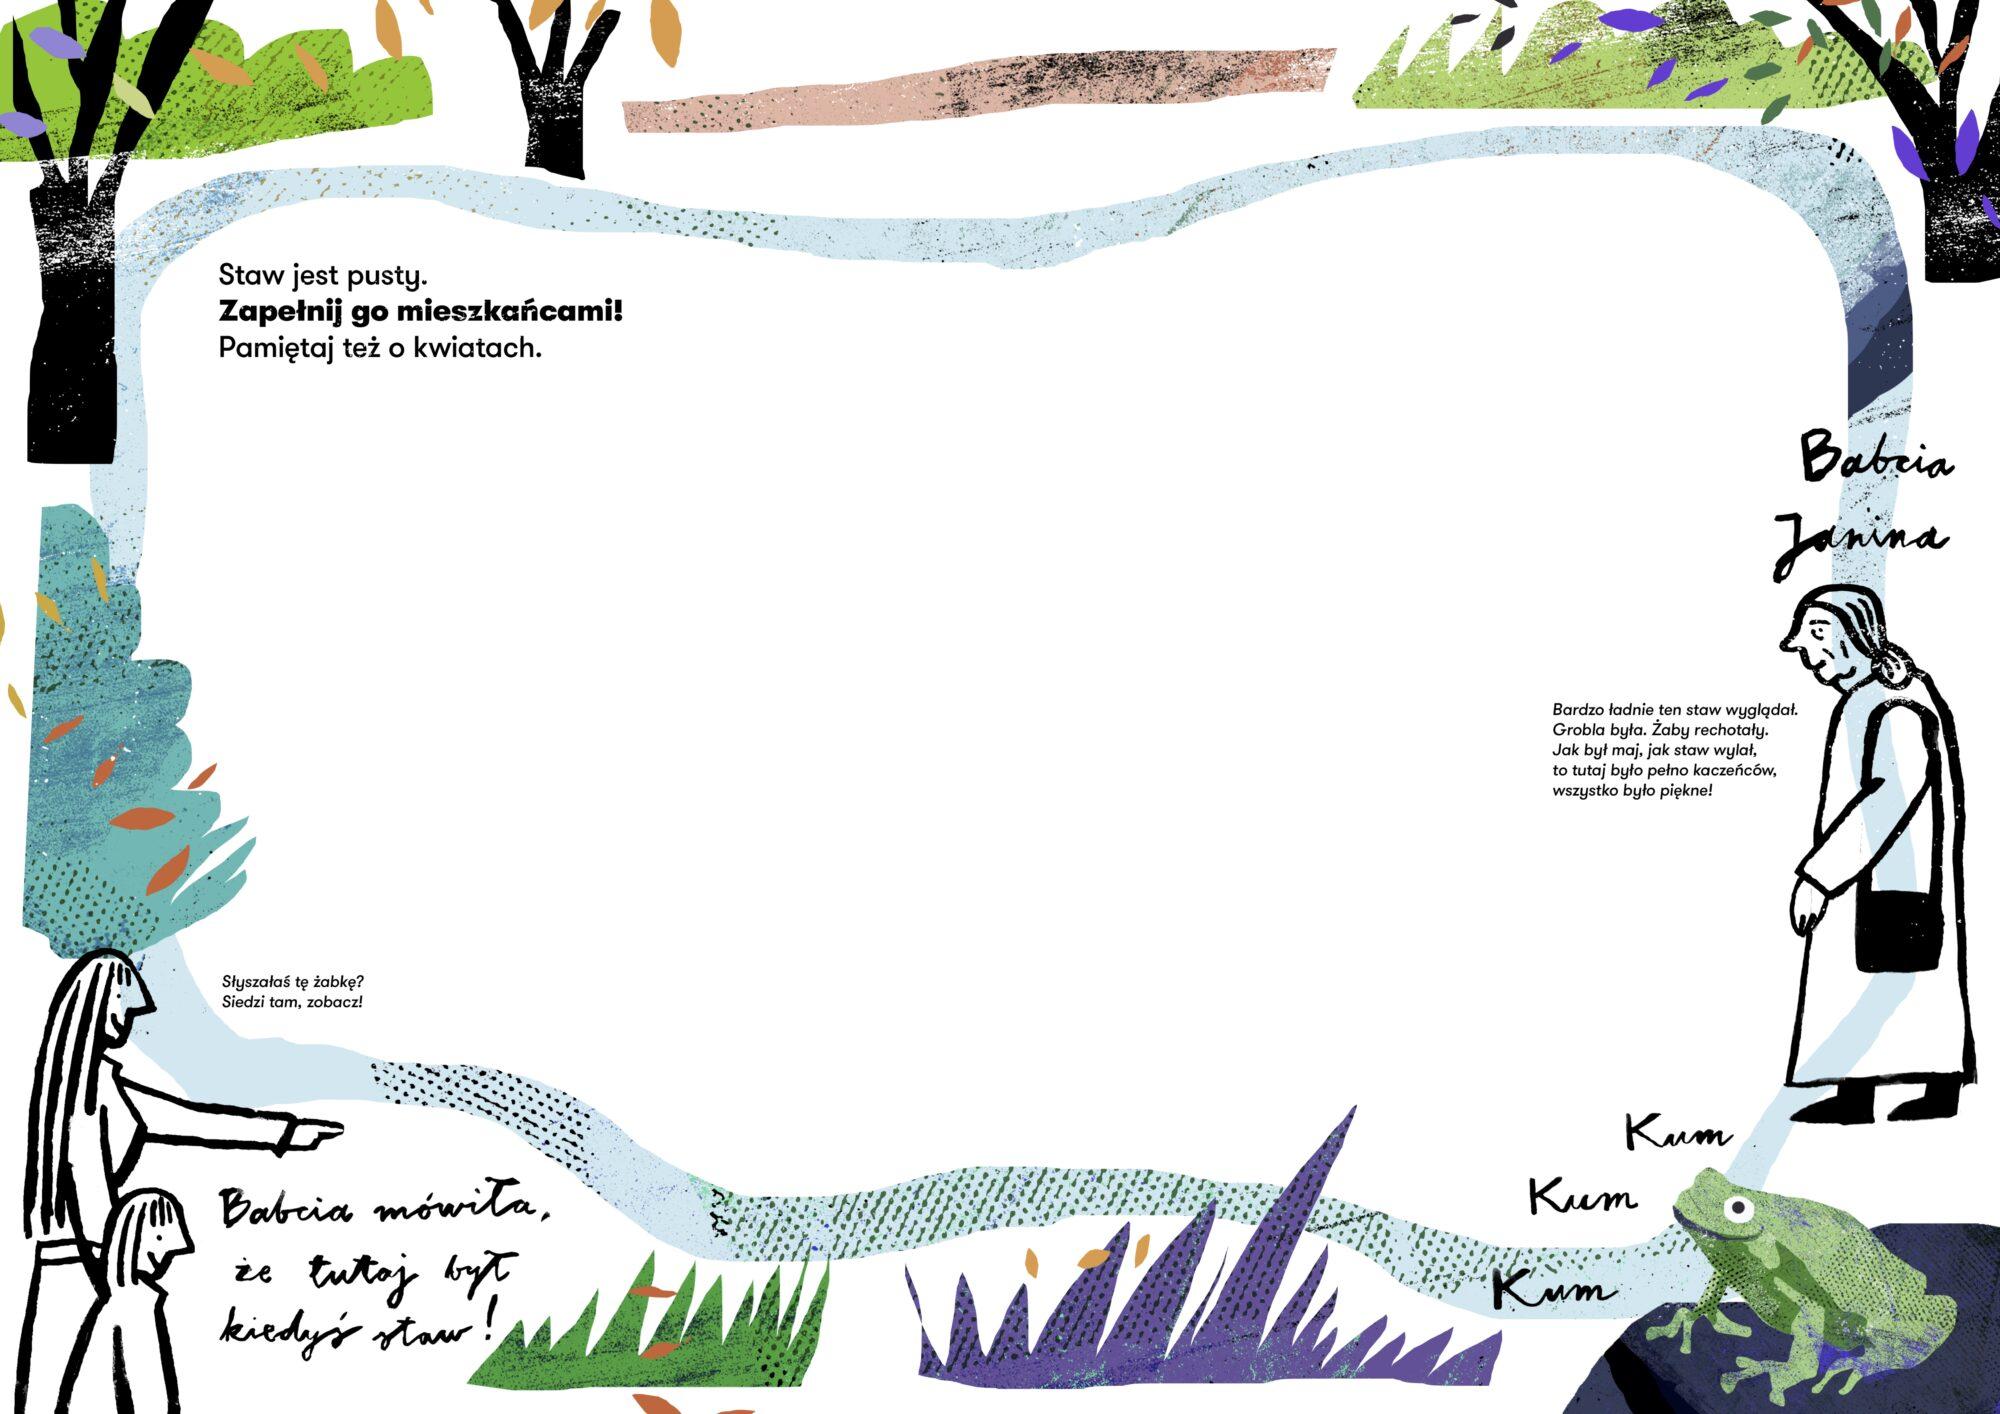 Natura na Głównej. Aktywnościówka dla dzieci - strona 4